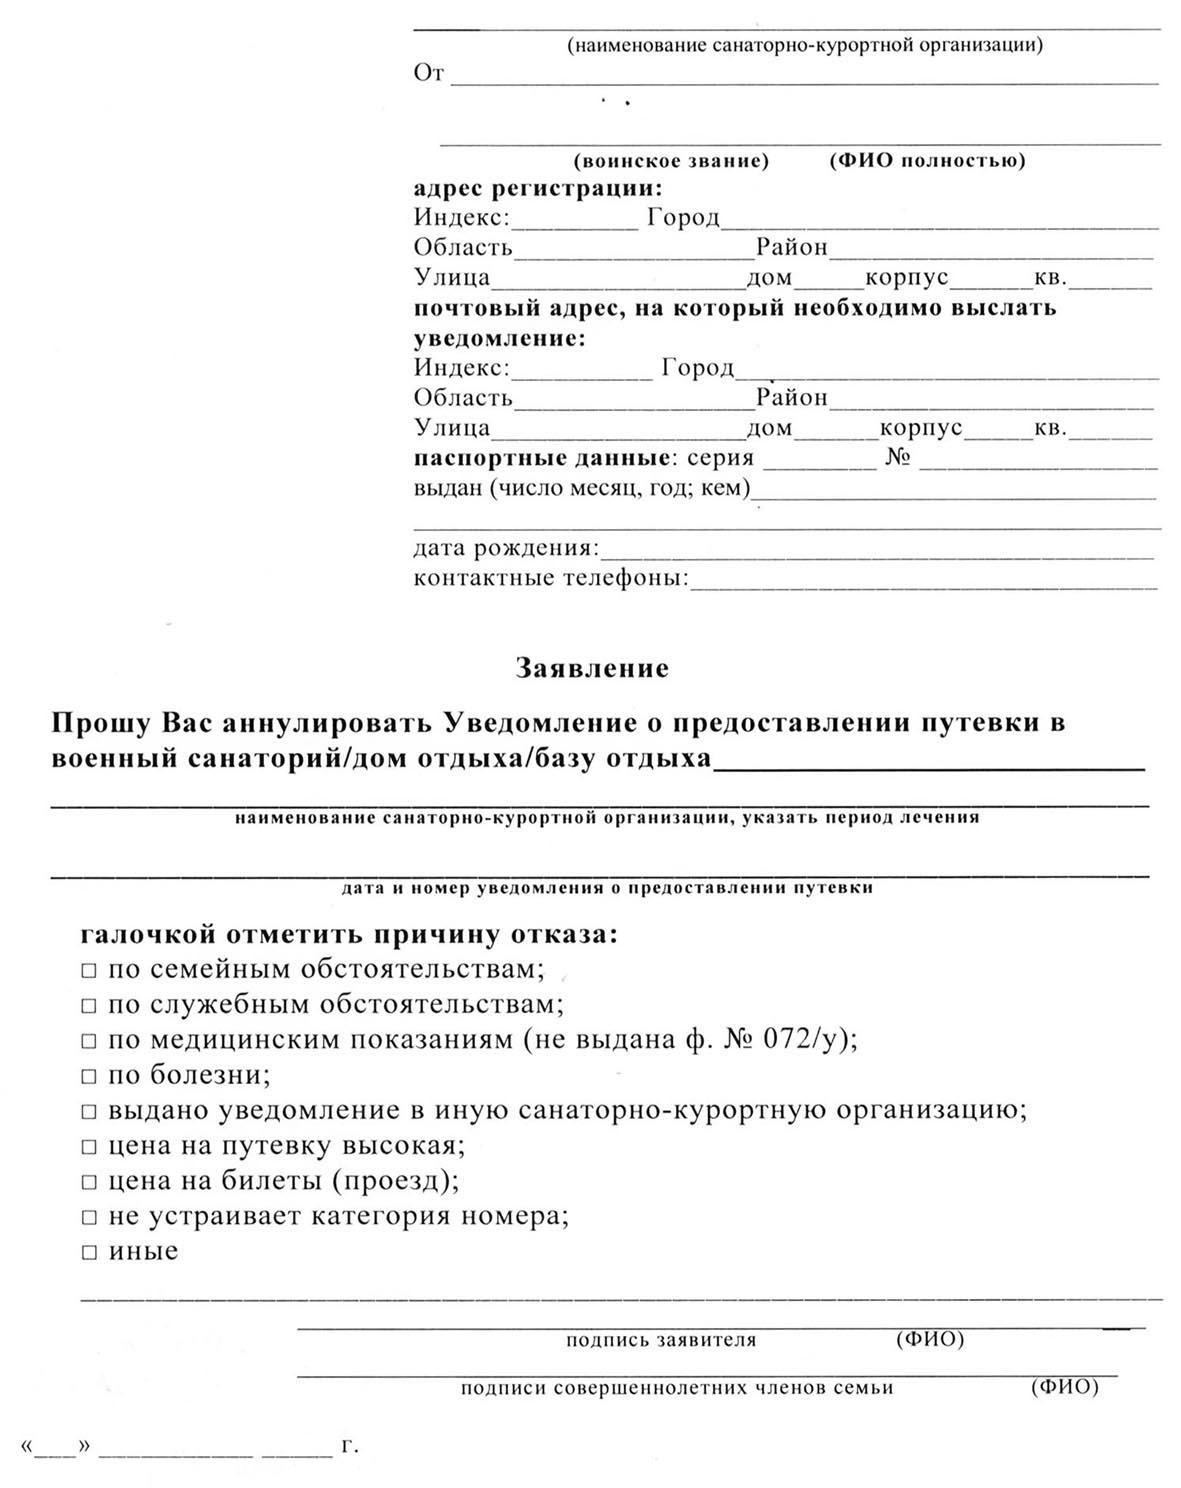 Заявление на Путевку в Военный Санаторий бланк